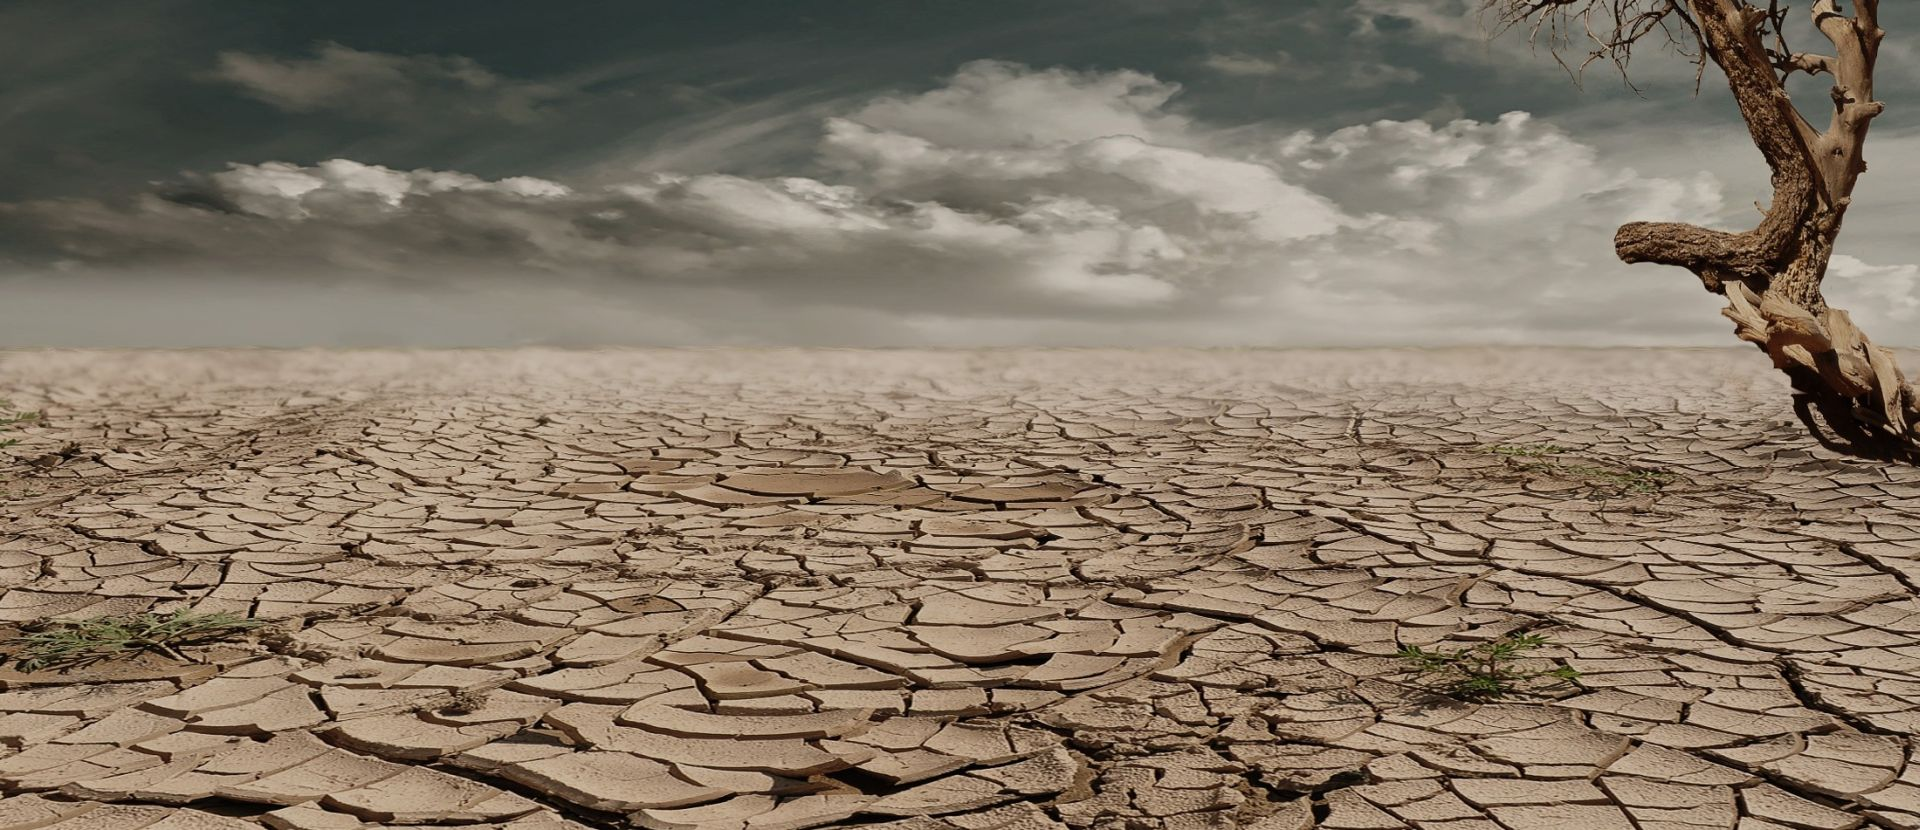 OZBILJNO UPOZORENJE UN-A Više od 50 tisuća somalijske djece moglo bi umrijeti zbog suše